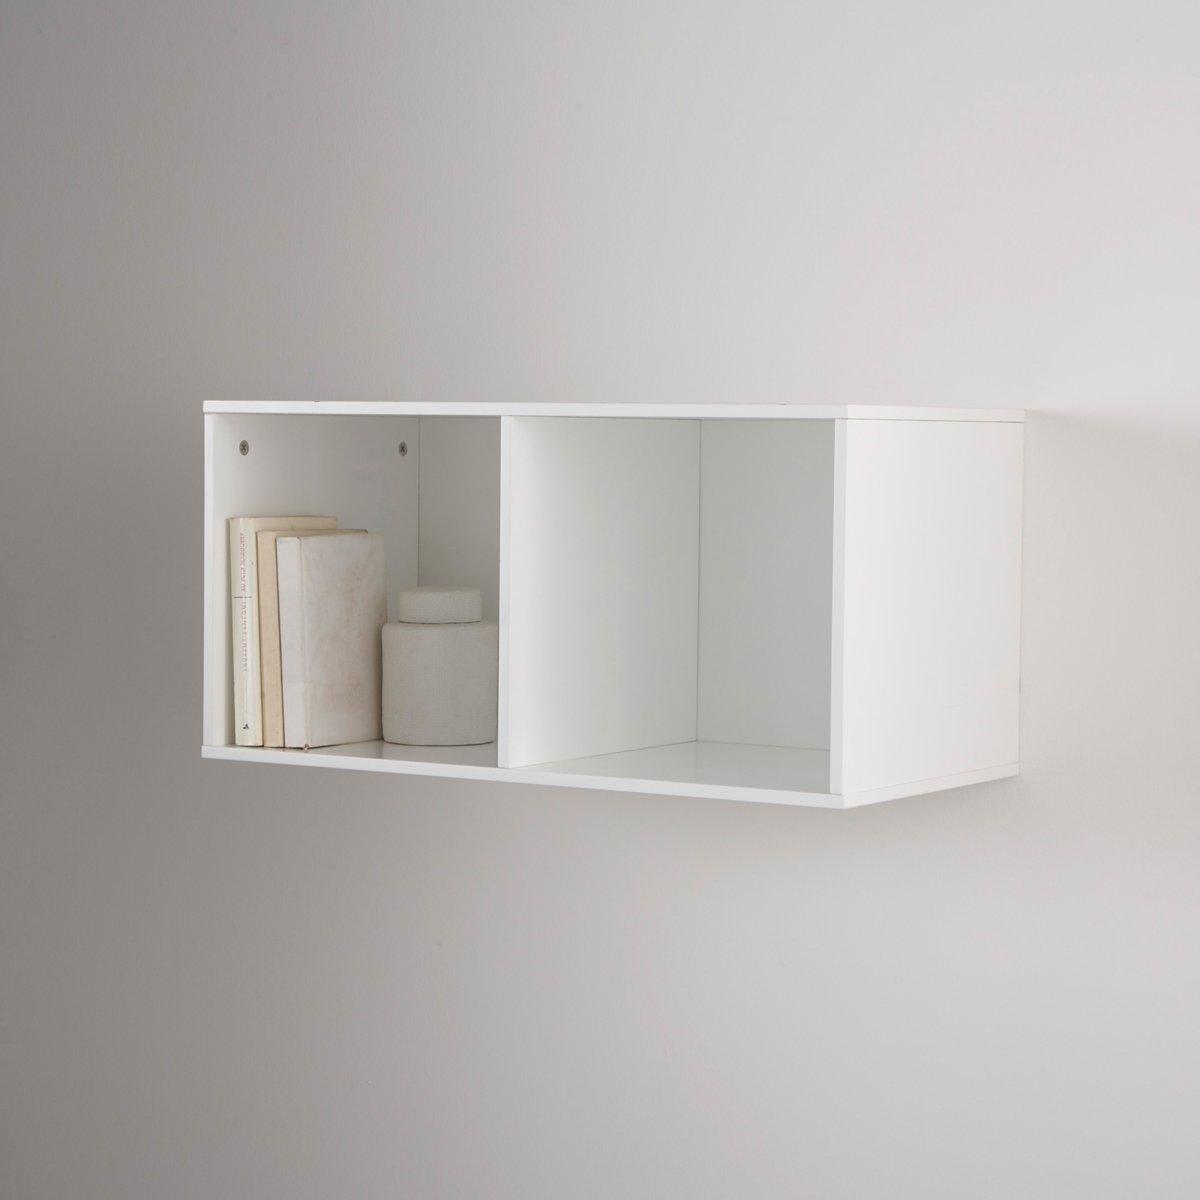 Этажерка, 2 отделения, MayeulХарактеристики :-МДФ  с лаковым покрытием белого цвета Поставляется в разобранном виде .Другие модели коллекции MAYEUL на нашем сайте .Размеры этажерки :Общие : Ширина  34,5 смВысота  70,5 см Глубина  34,5 смВнутренние размеры :Ниша: L33,3 x H32 x P33,3 см Размер  и вес ящика :79 x 9 x 41 см .9,6 см .<br><br>Цвет: белый